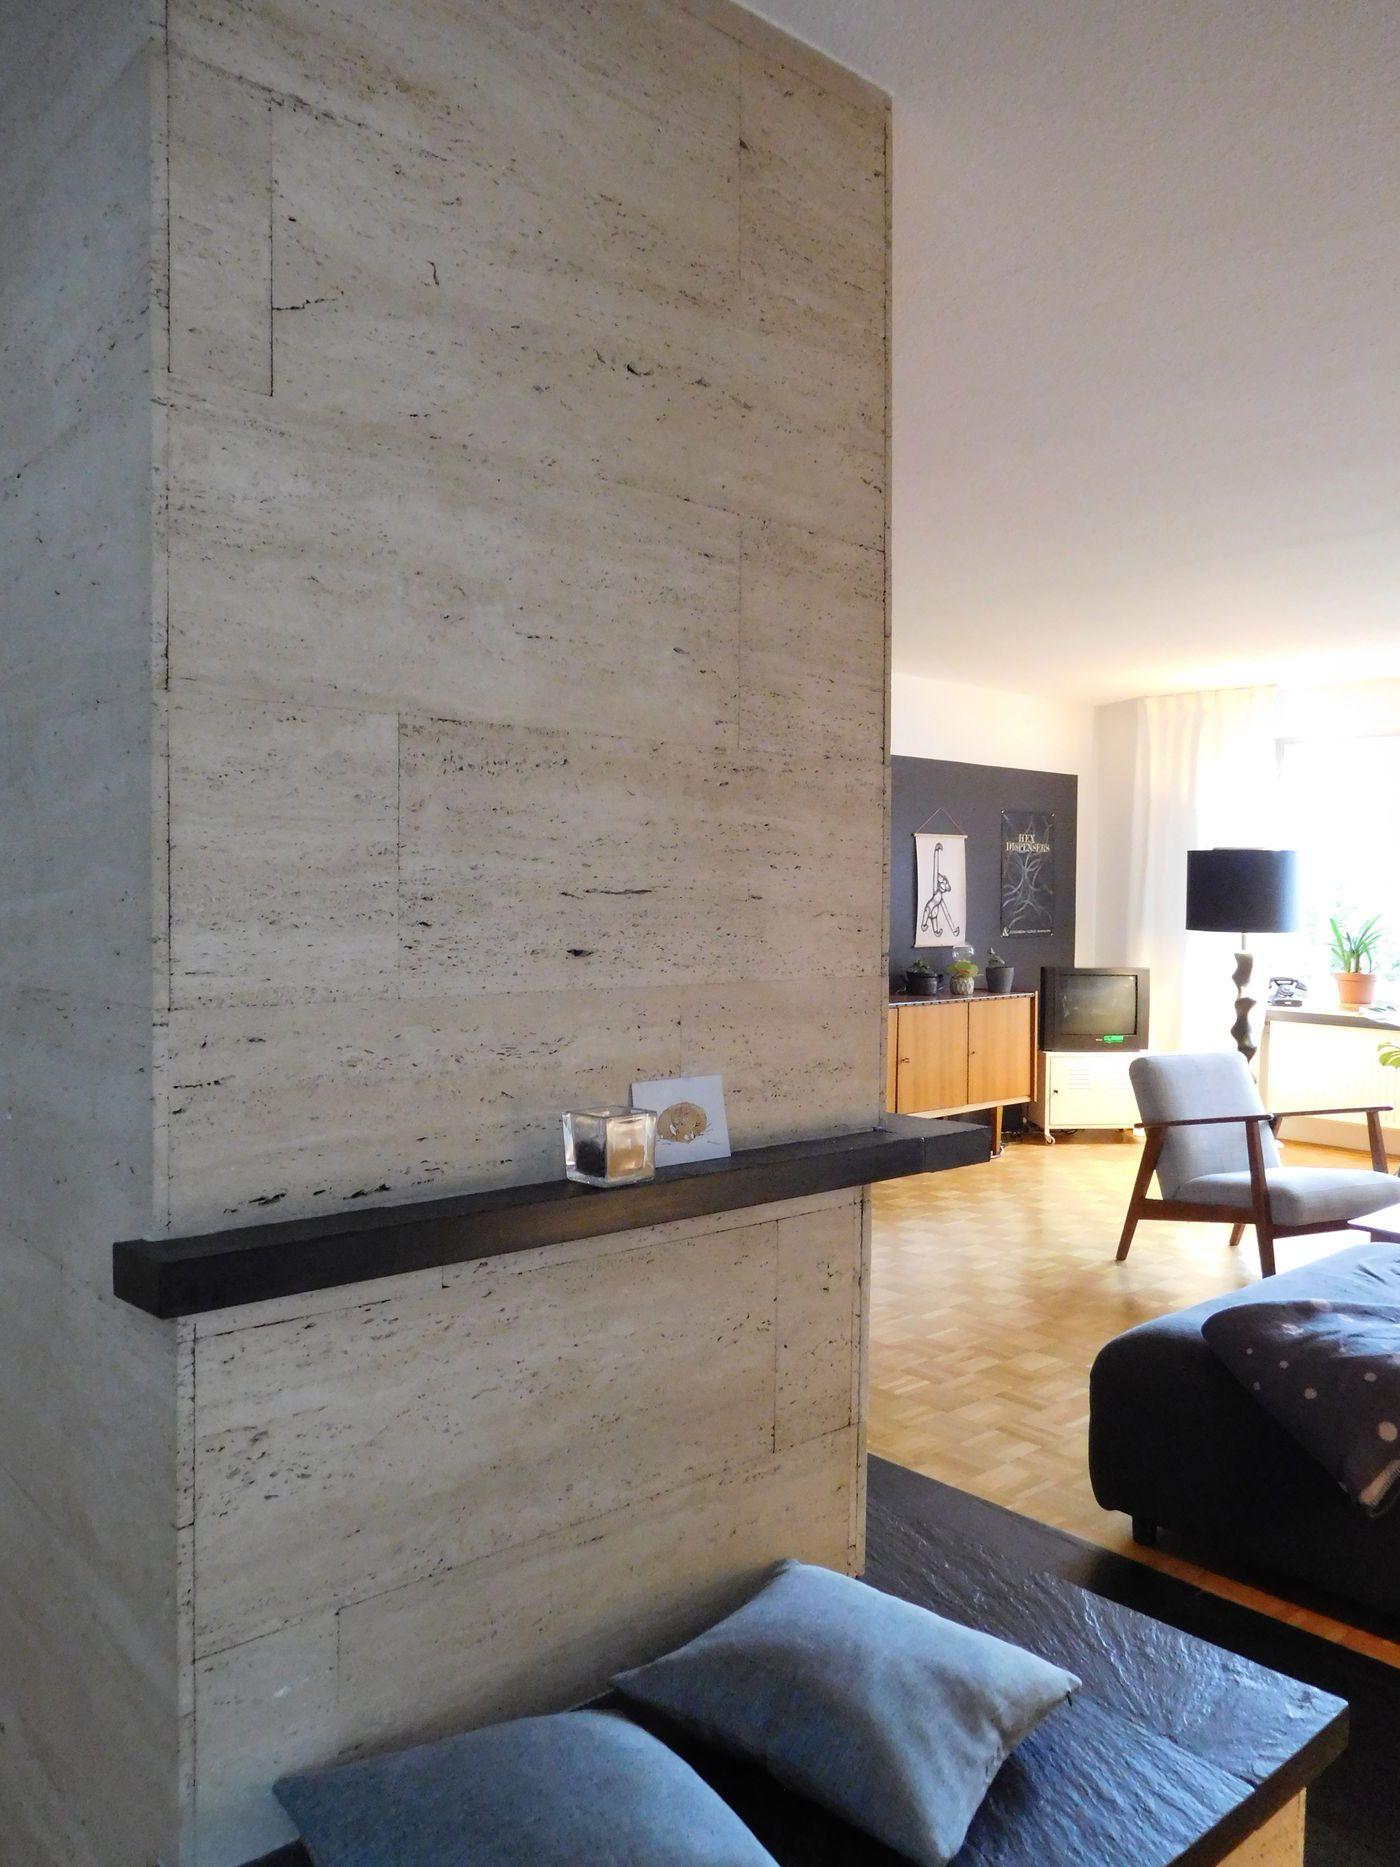 Mid Century Stil: Wohnungen im 60er Jahre Stil - Seite 10